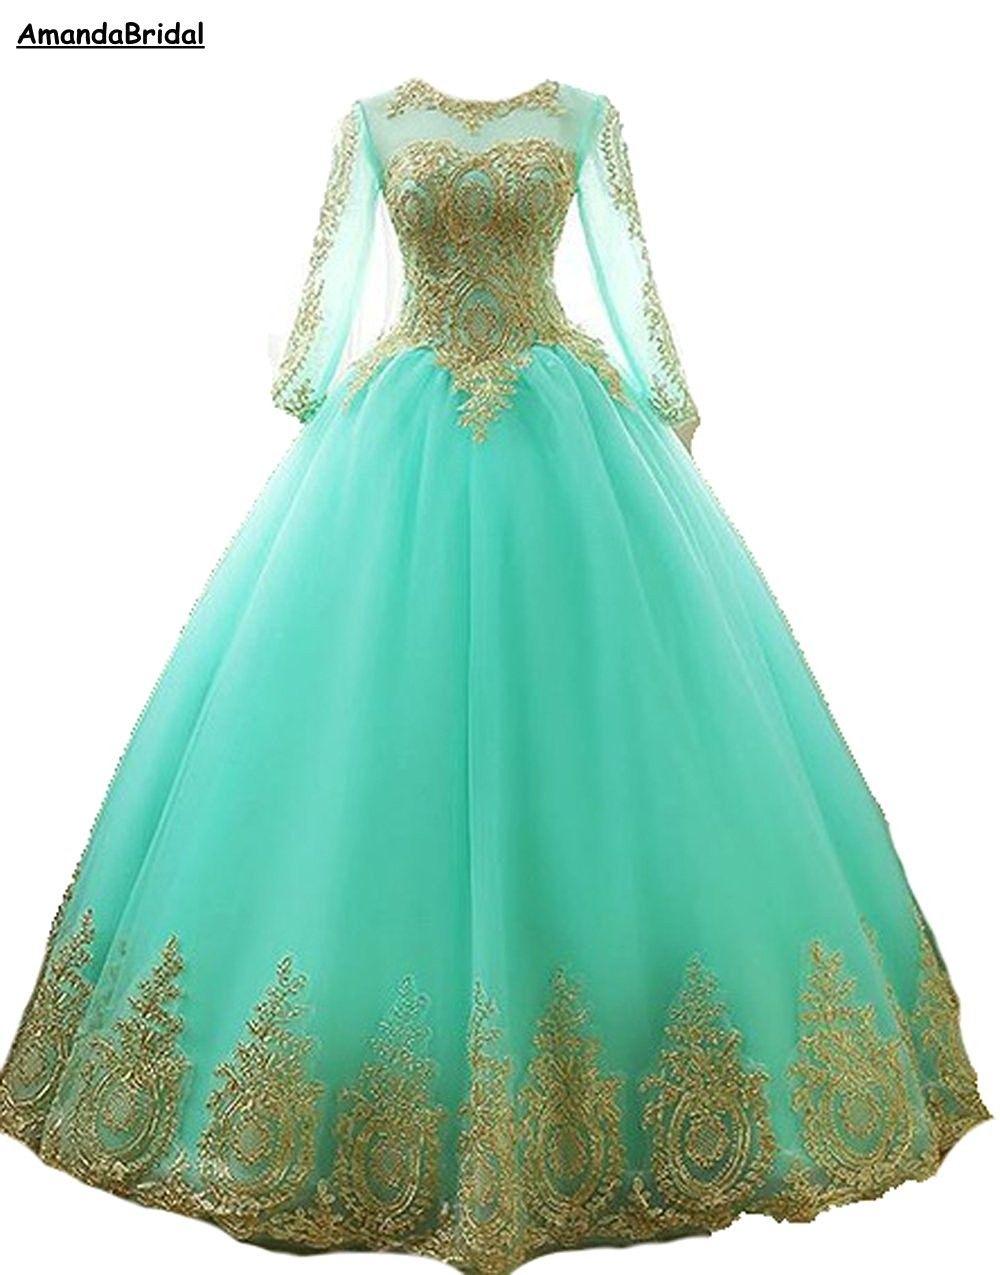 Amandabridal la manga larga de encaje vestidos de baile 2020 Nueva bola vestido largo Quinceañera vestidos de tul vestido formal Tamaño Plus